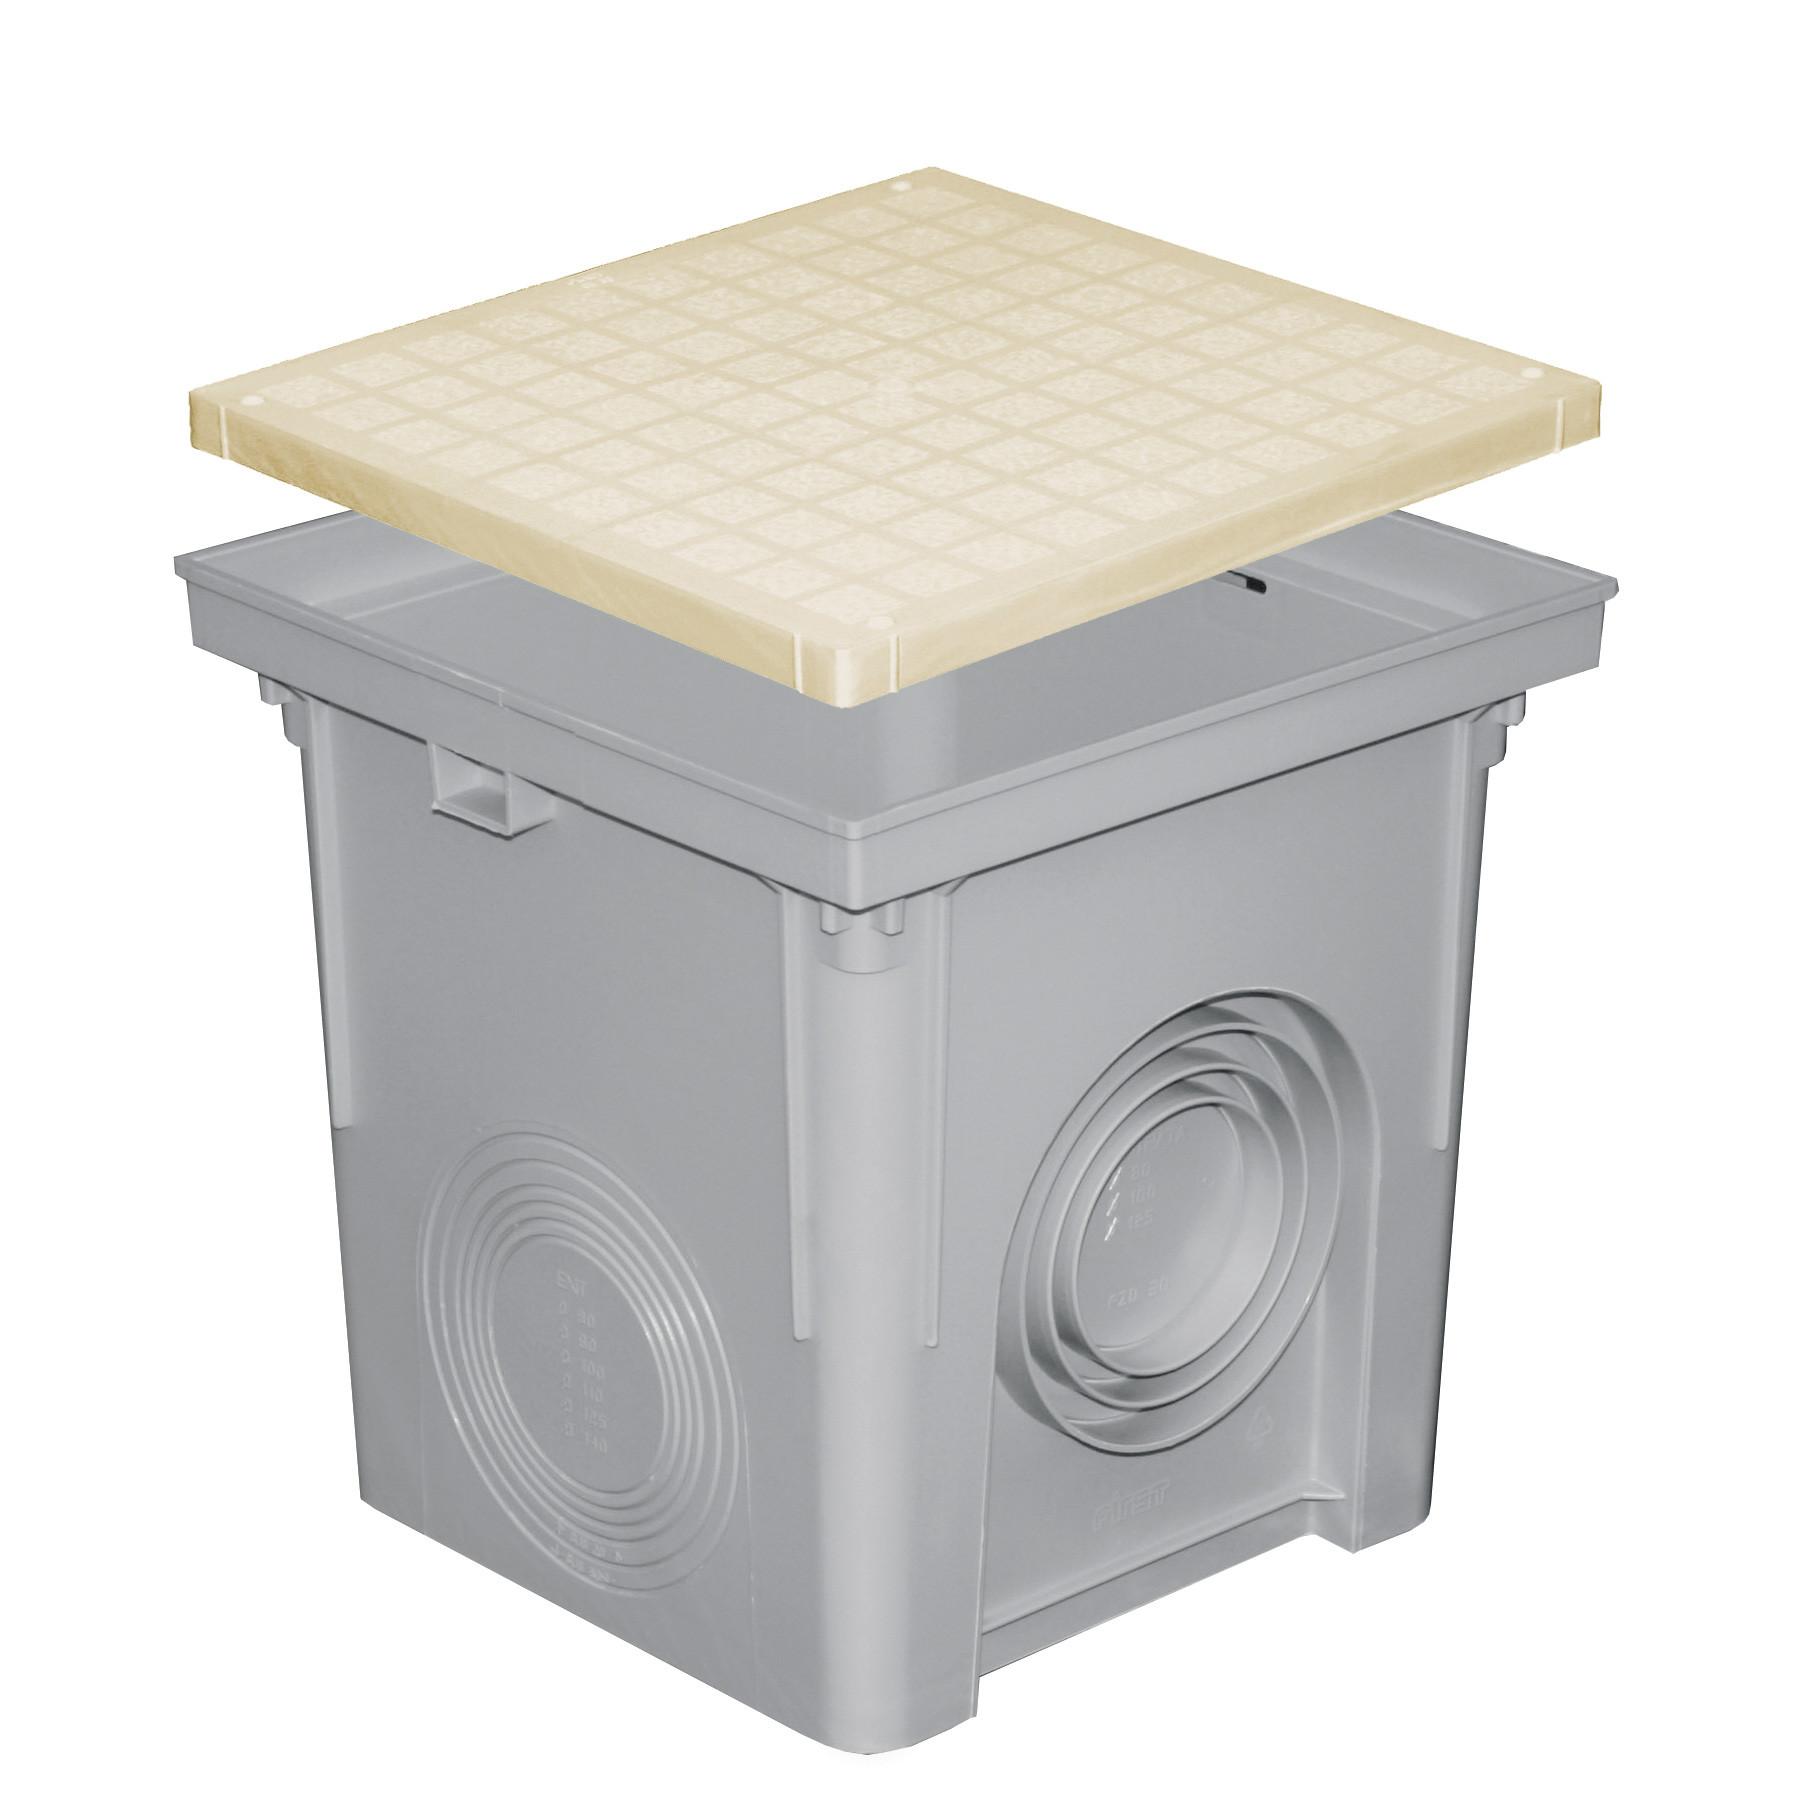 regard sable polypropyl ne avec couvercle pour descente eau pluviale. Black Bedroom Furniture Sets. Home Design Ideas